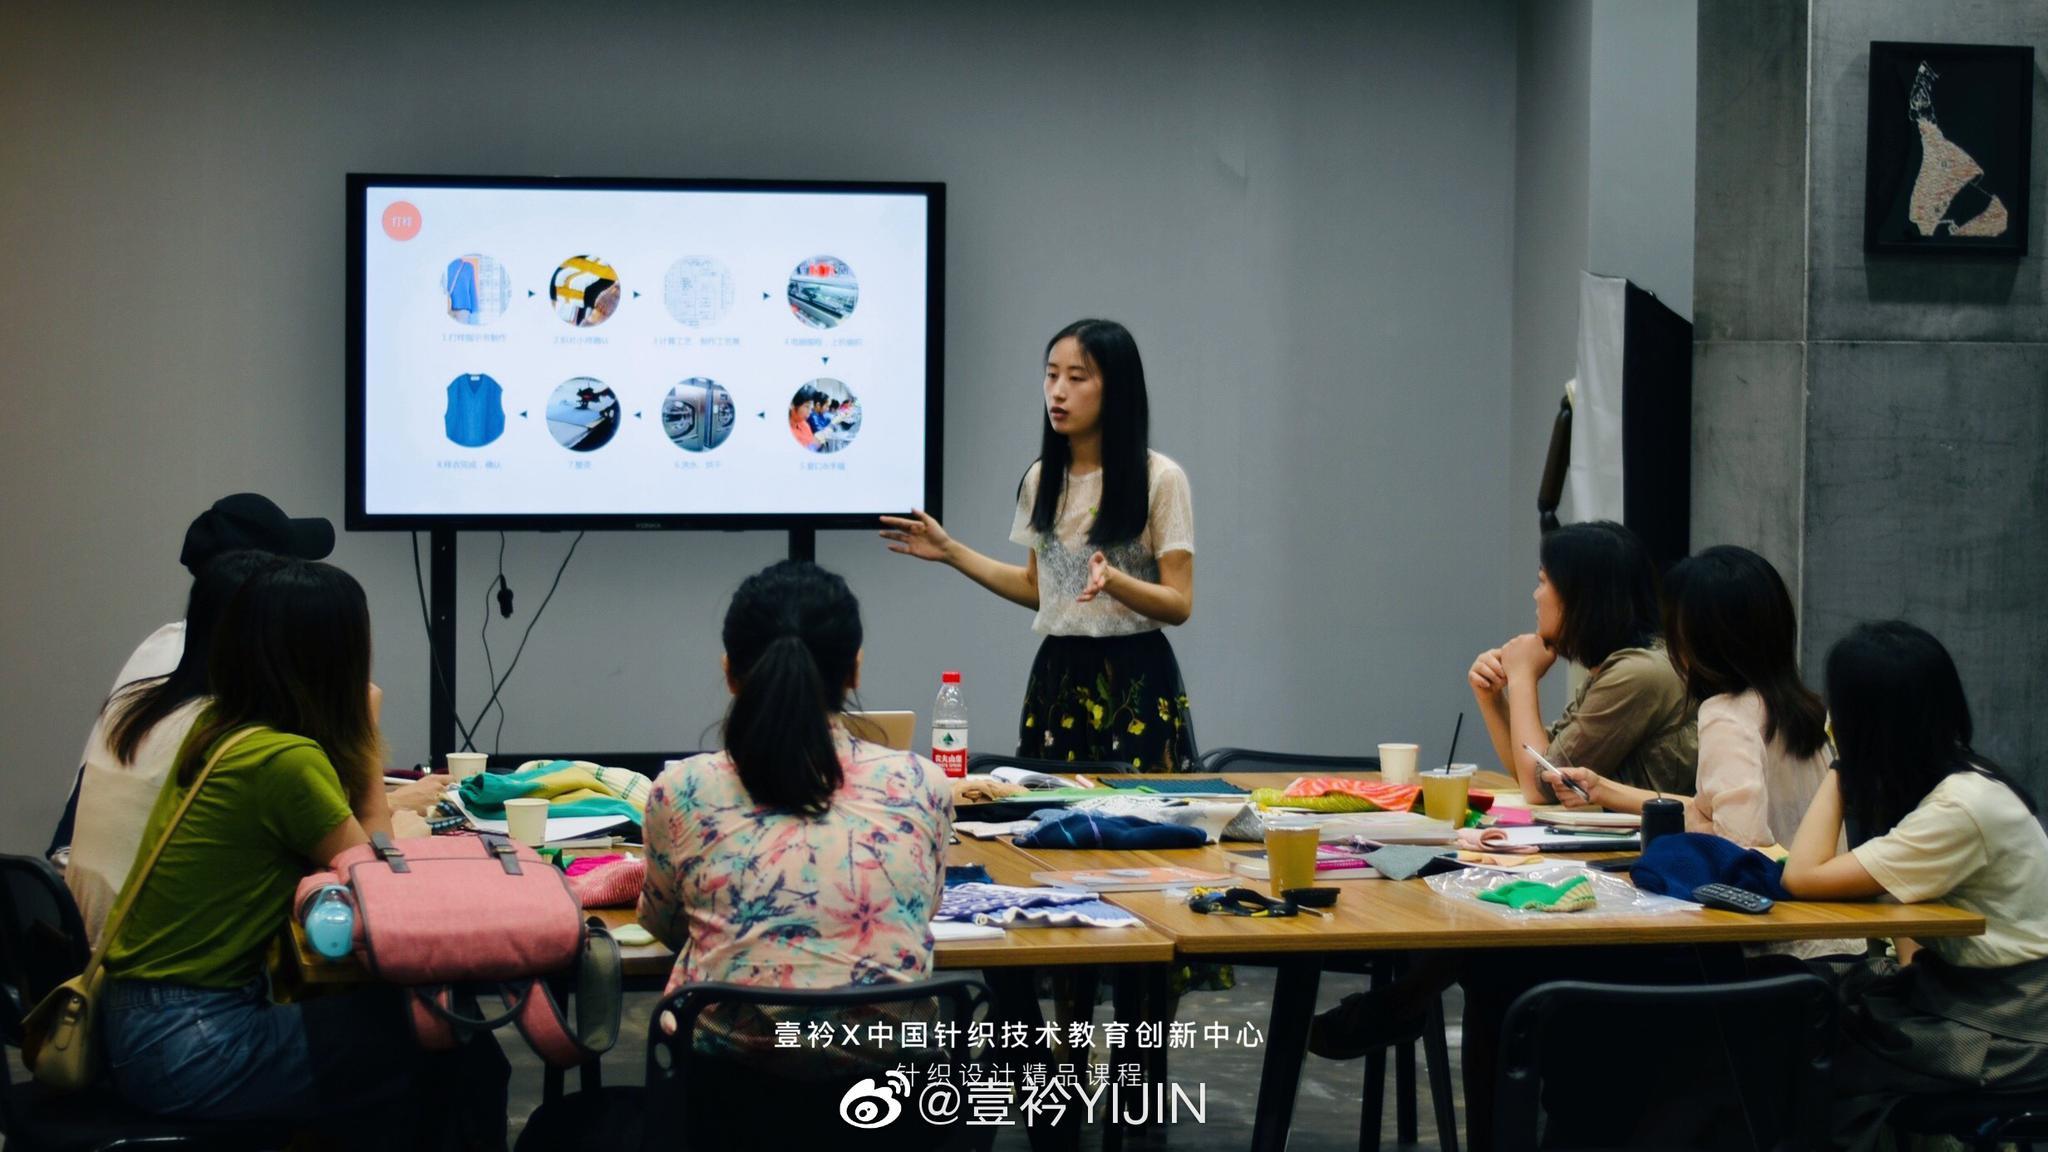 壹衿 X 中国针织技术教育创新中心